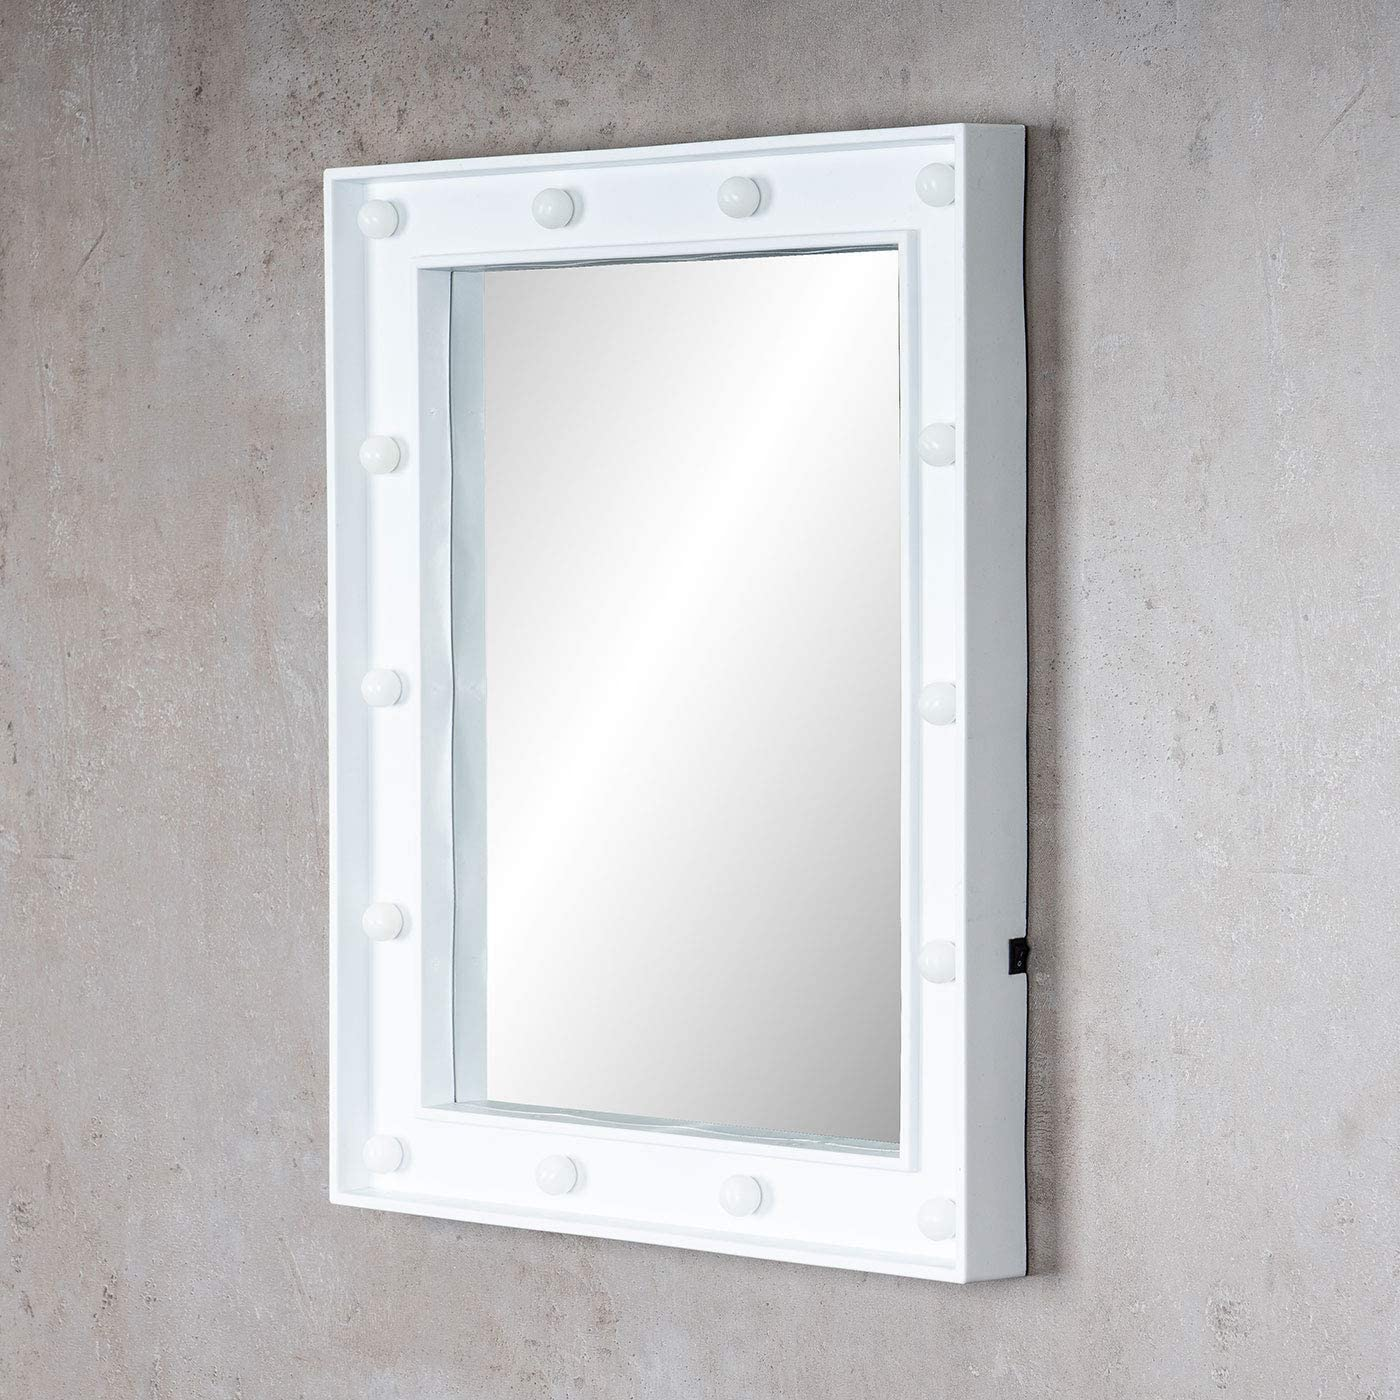 levandeo Wandspiegel LED Spiegel Wei/ß 39x49cm Wanddeko Schminkspiegel mit Beleuchtung Badspiegel Flurspiegel